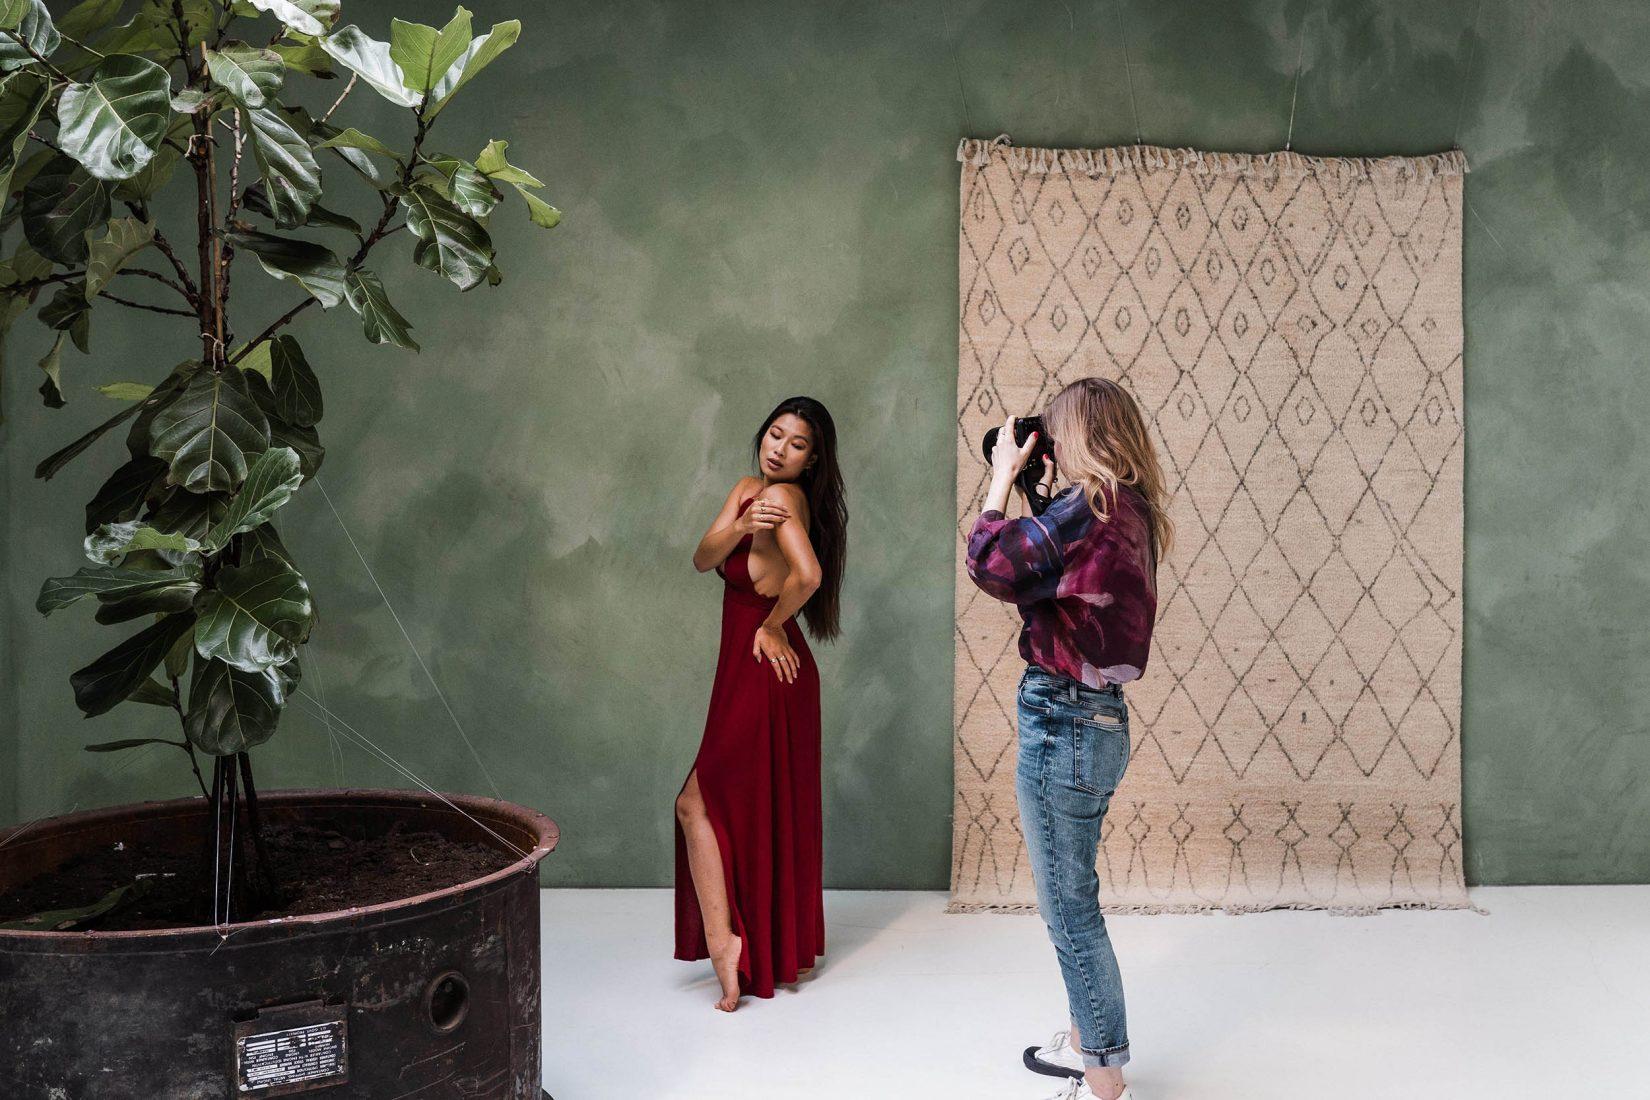 Mandy als fotograaf